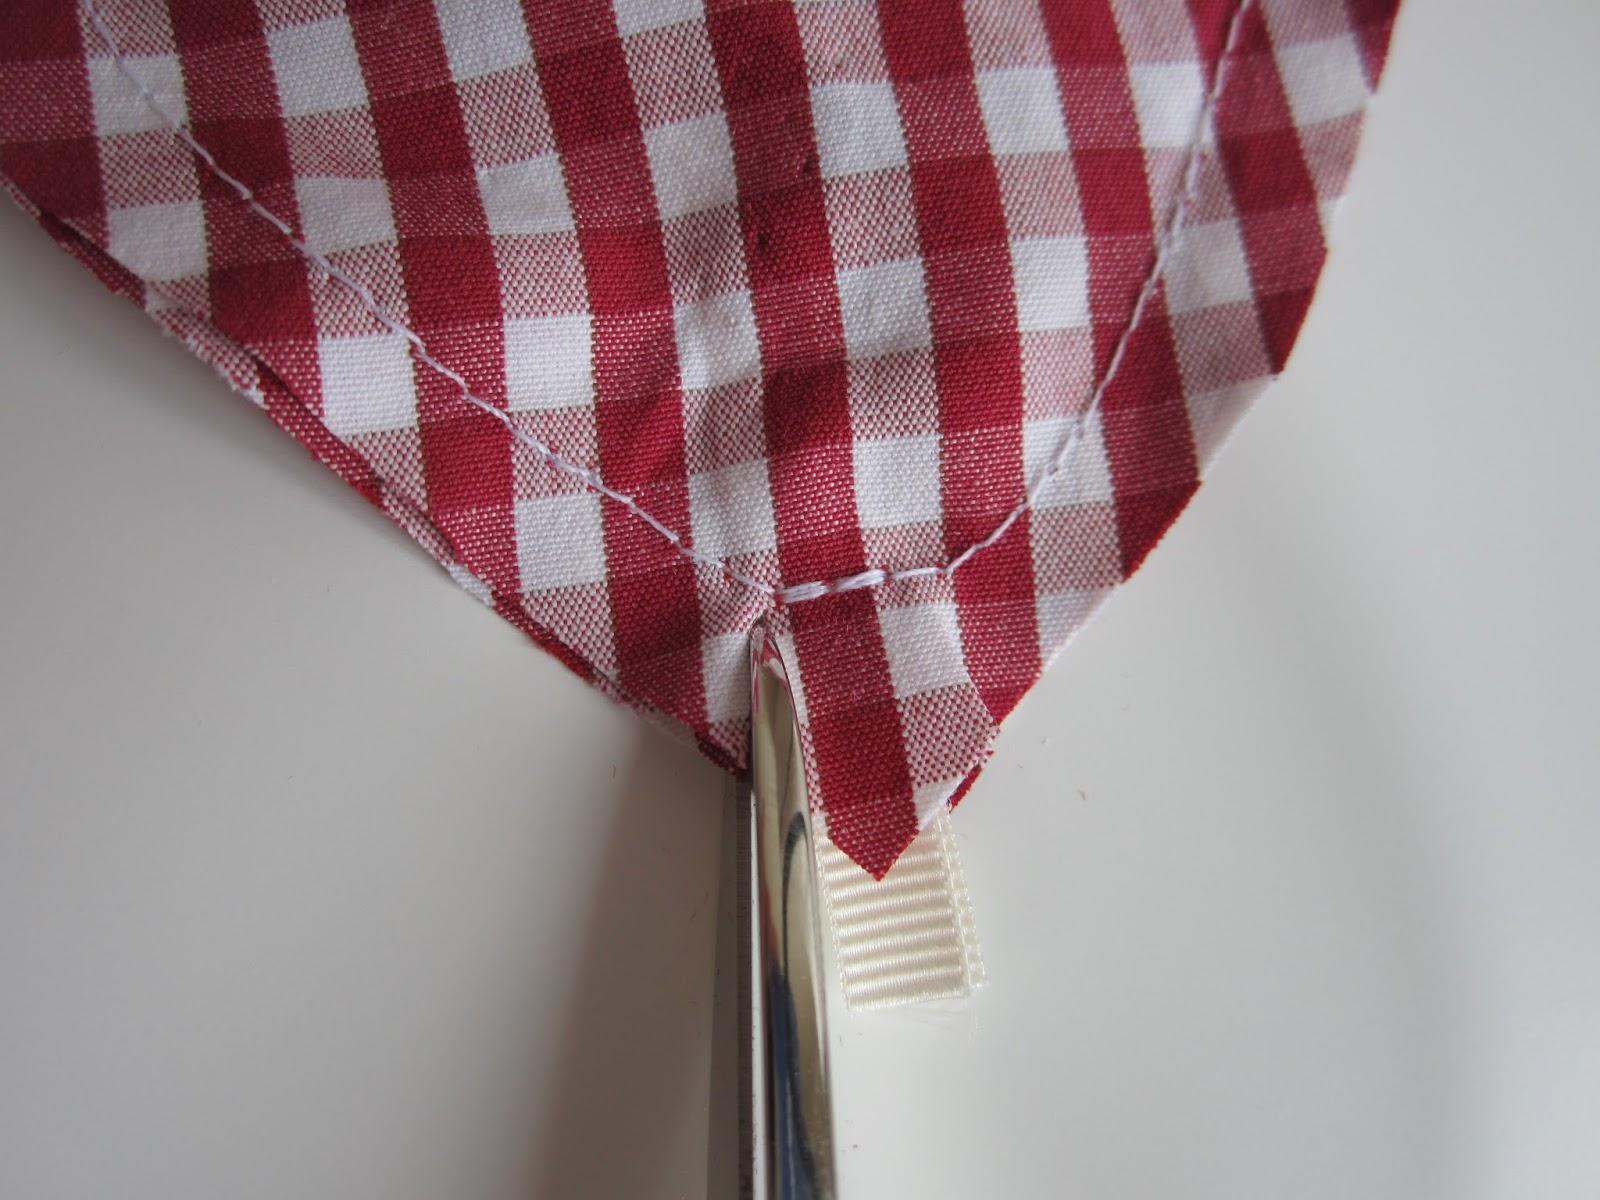 mis nancys, mis peques y yo, tutorial DIY adornos Navidad, hacer piquetes laterales cinta